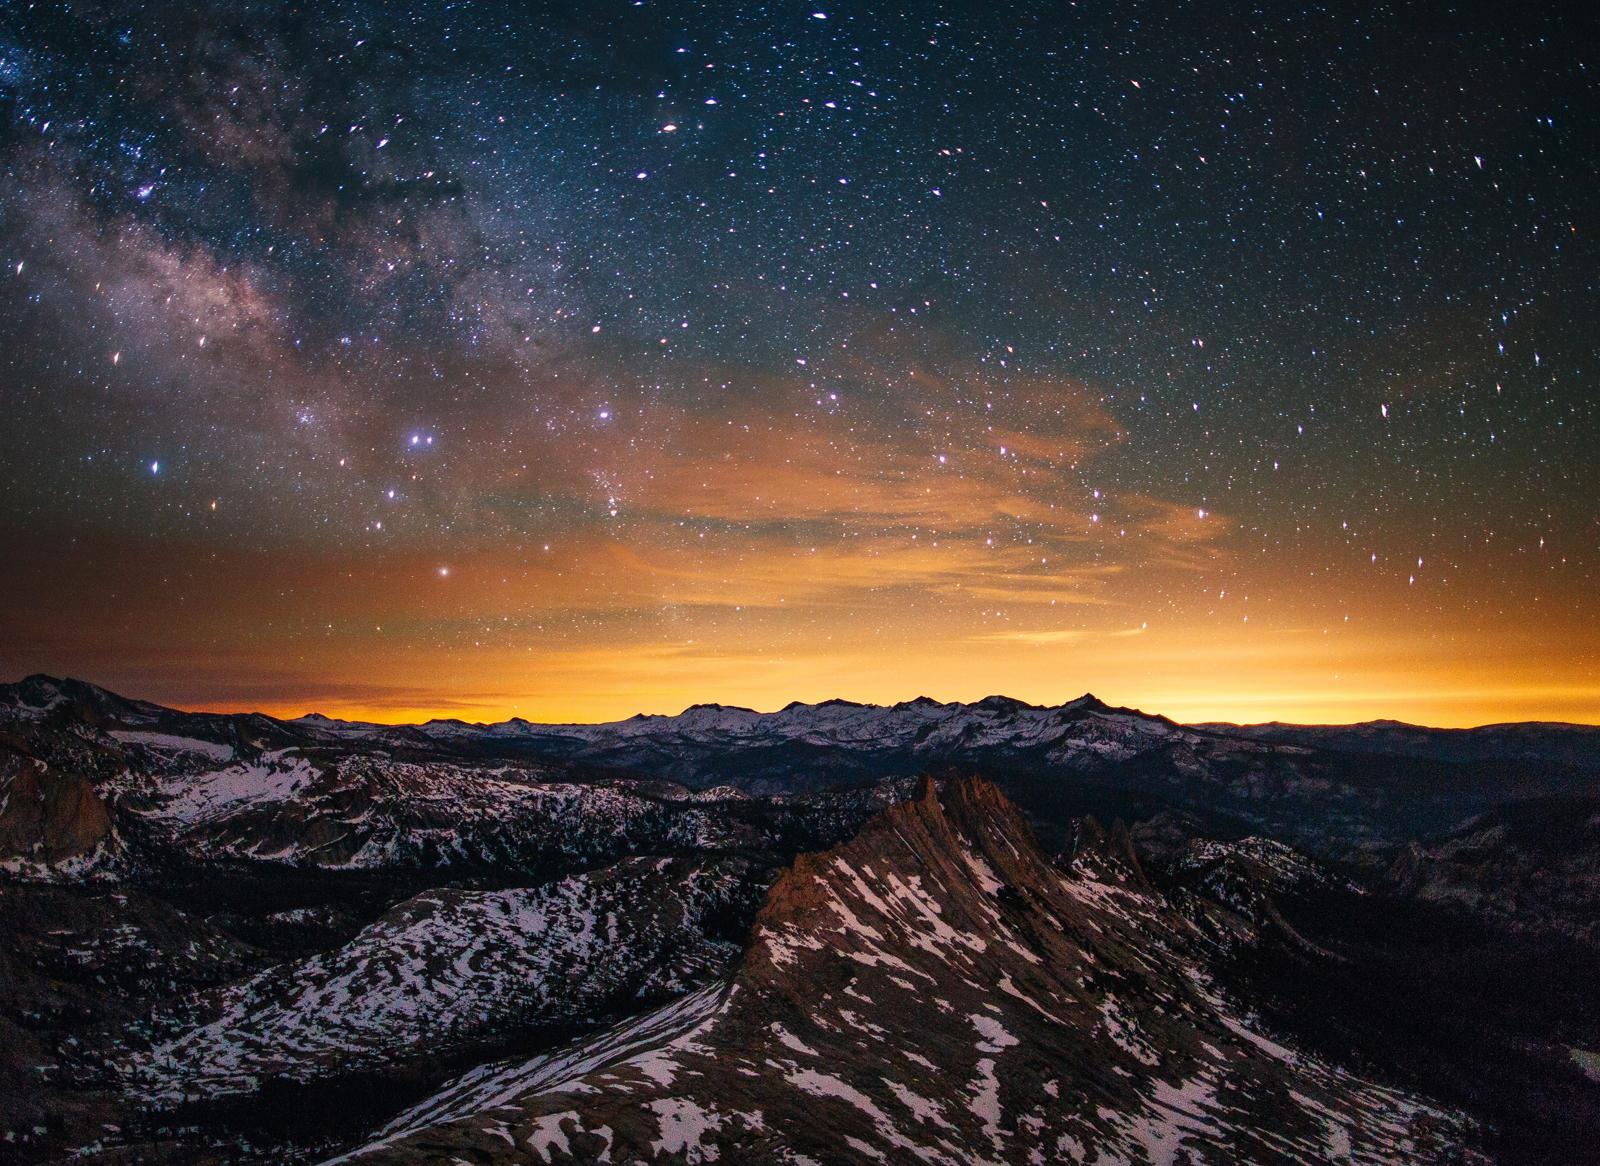 Estrellas de Yosemite